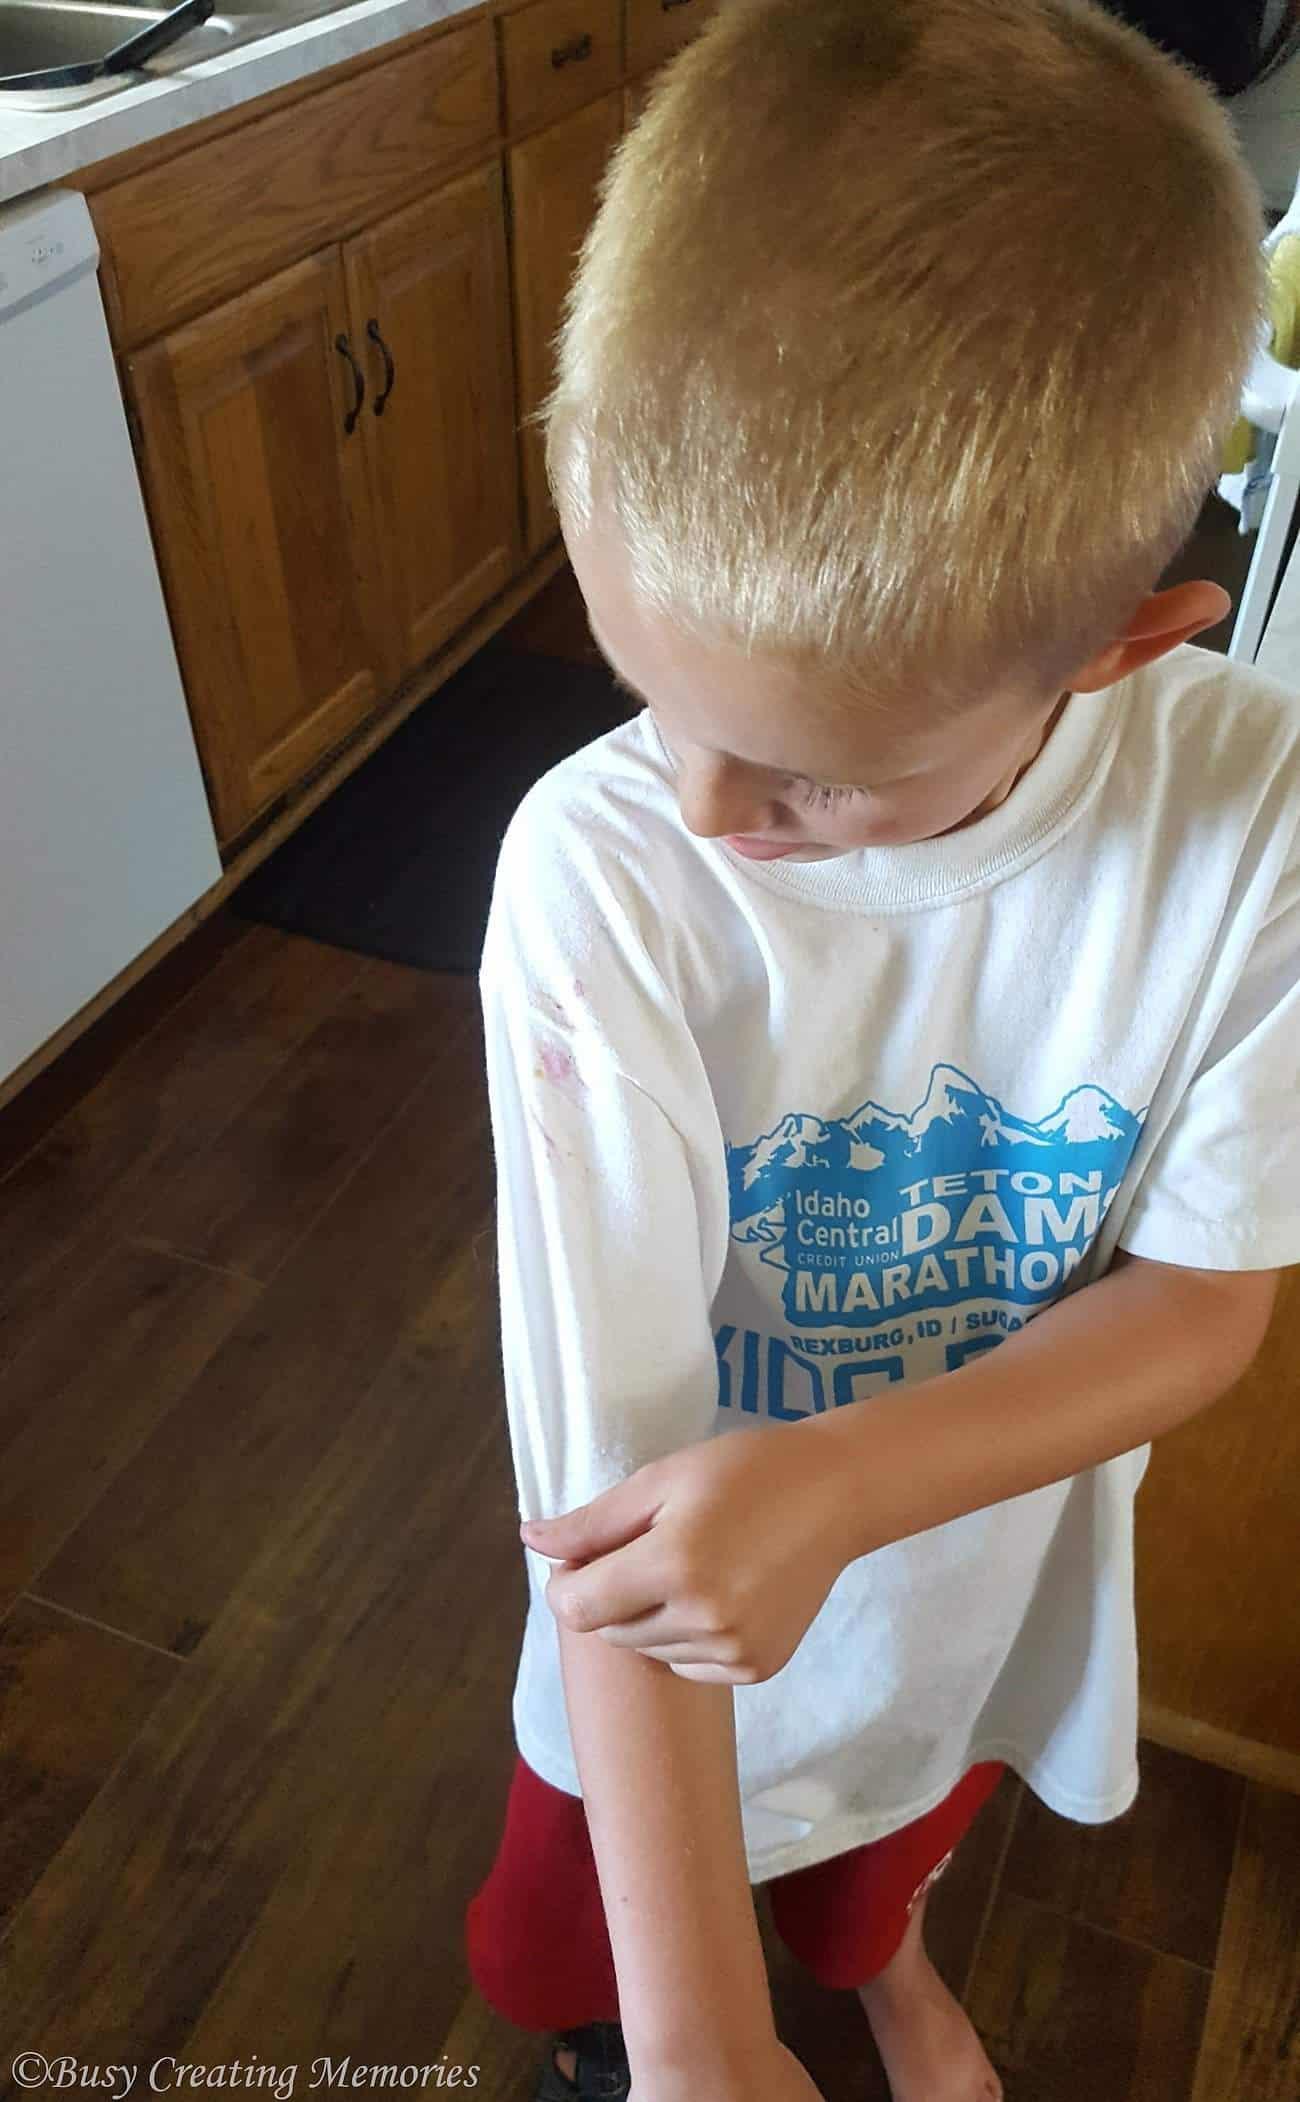 Oops - raspberries on my sleeve!